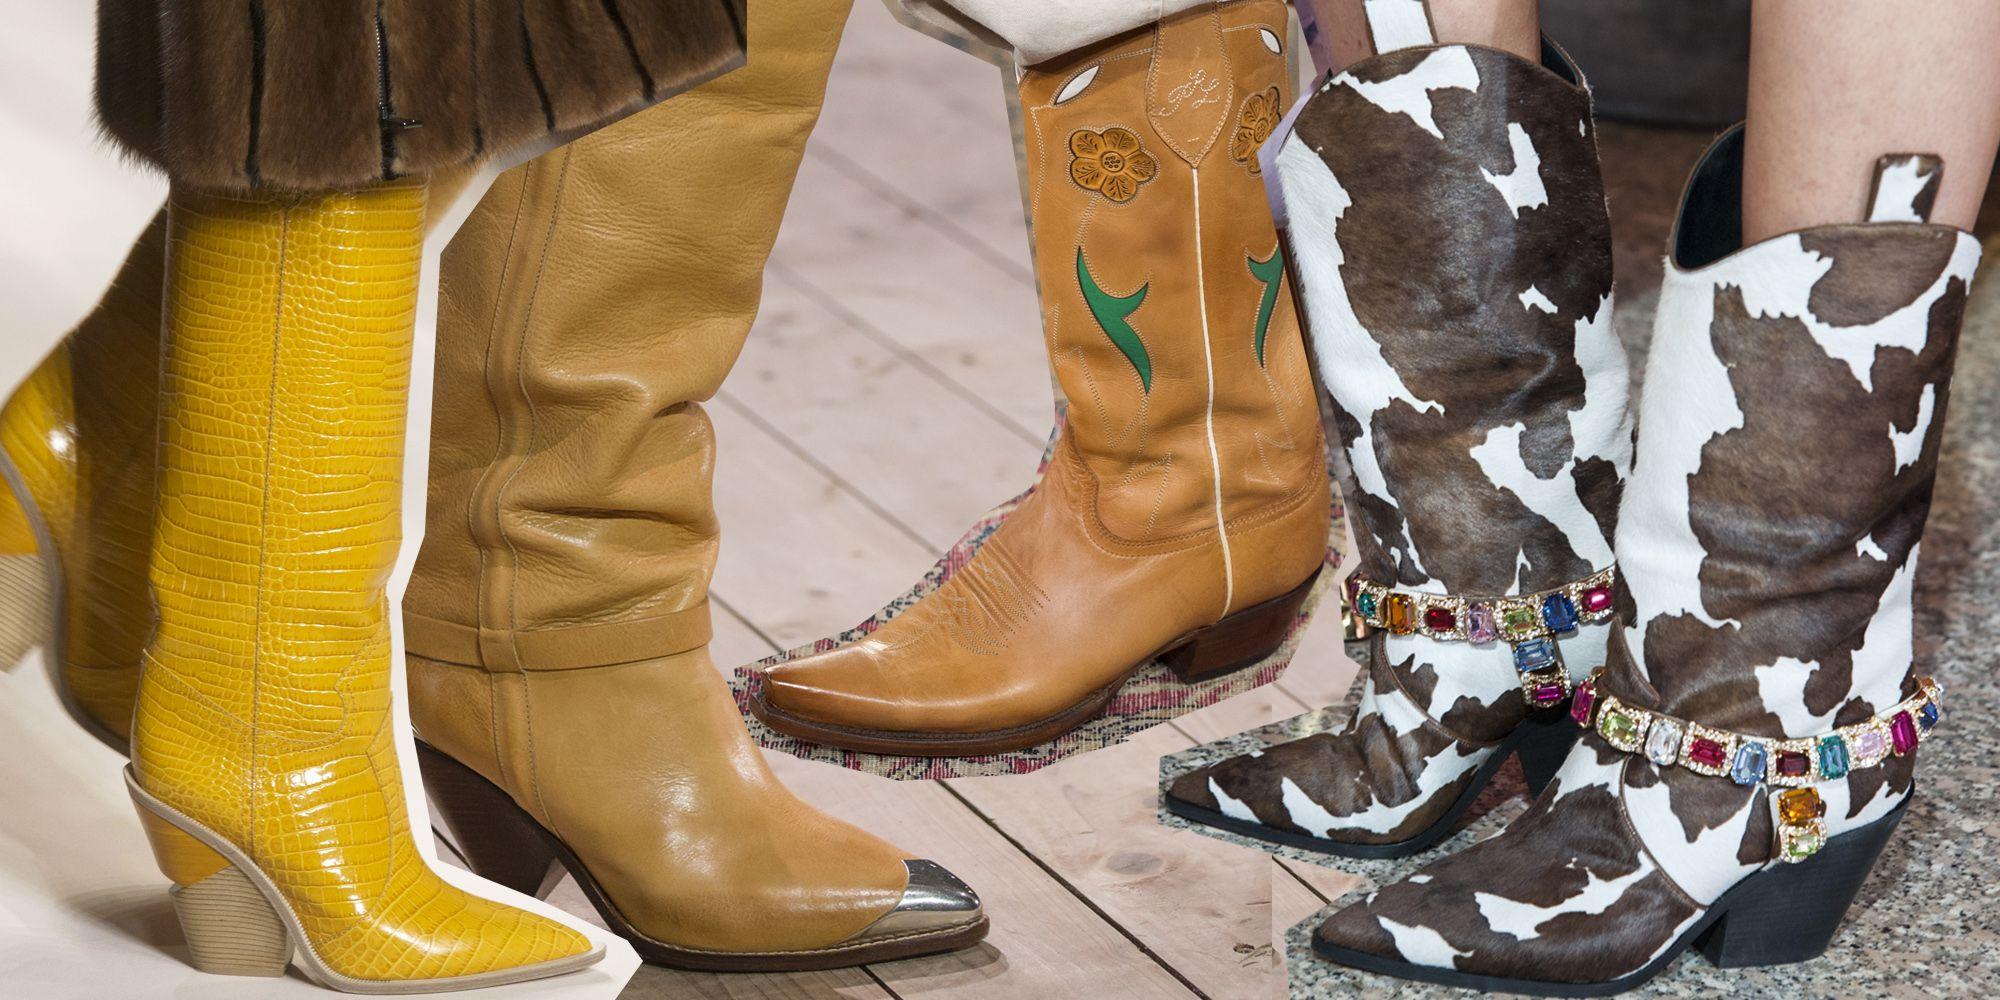 Stivali E Inverno 2018 Camperos Autunno Stivaletti 2019 Texani Moda TWATBqwrF